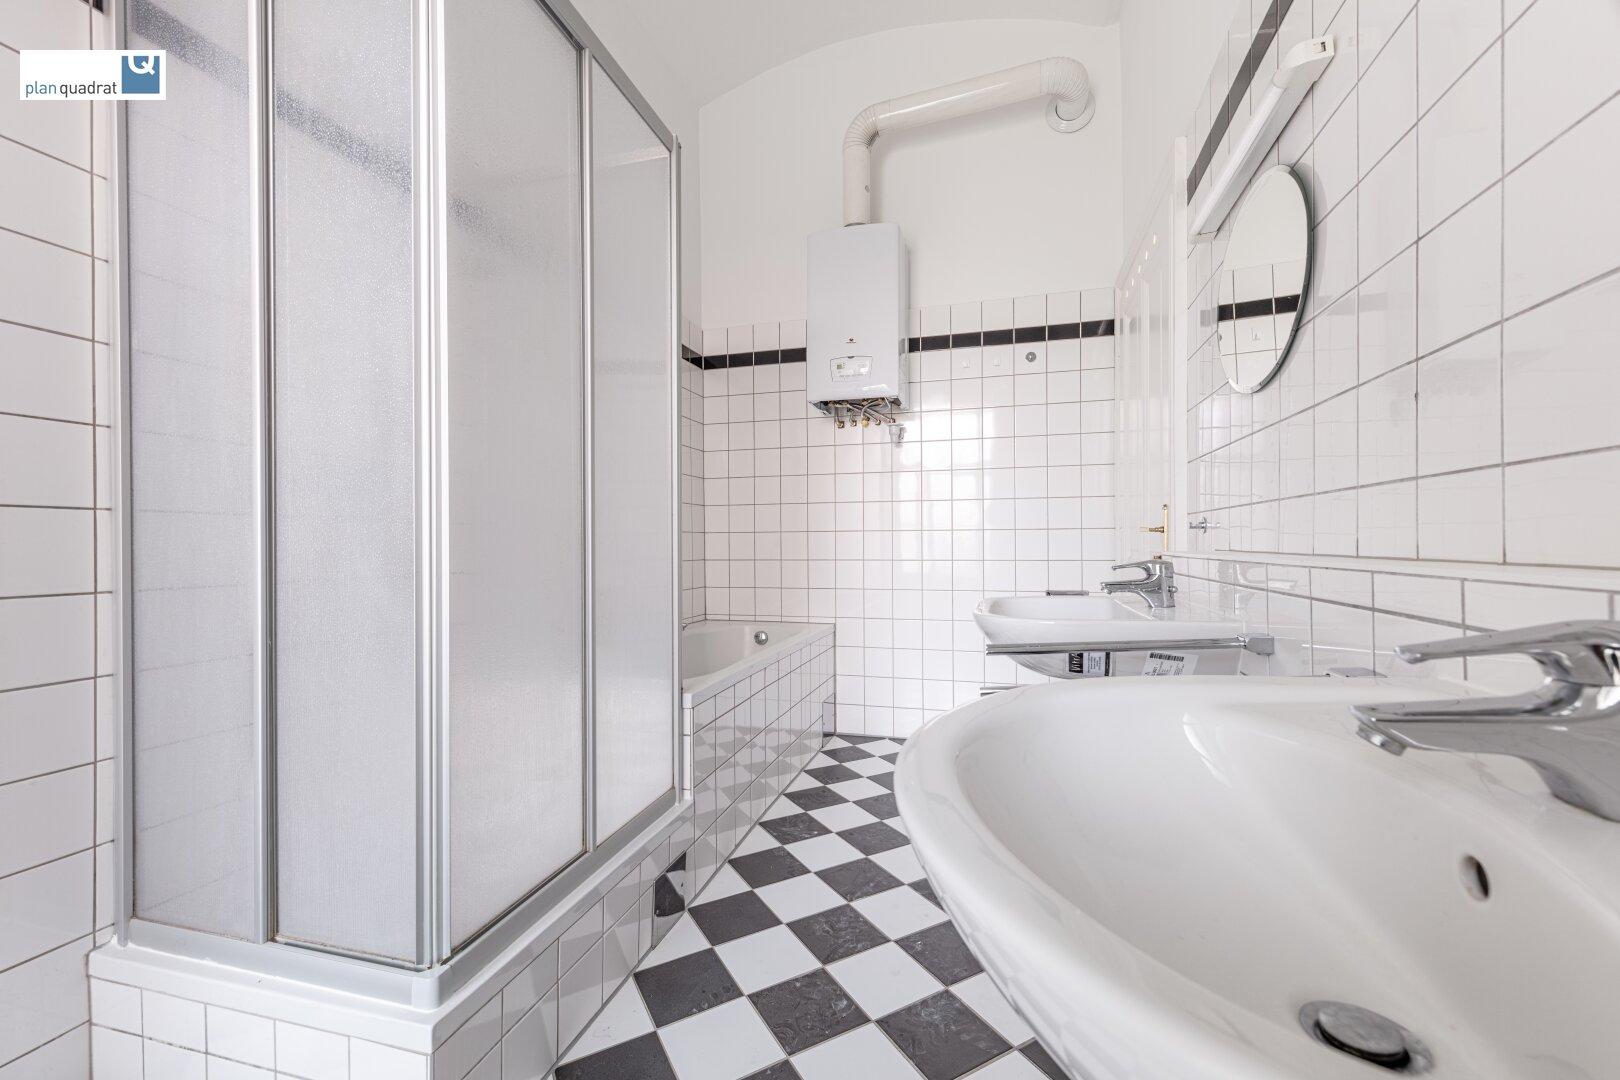 Badezimmer (mit zwei Waschbecken, Badewanne, Dusche und Wa-Ma-Anschluss)